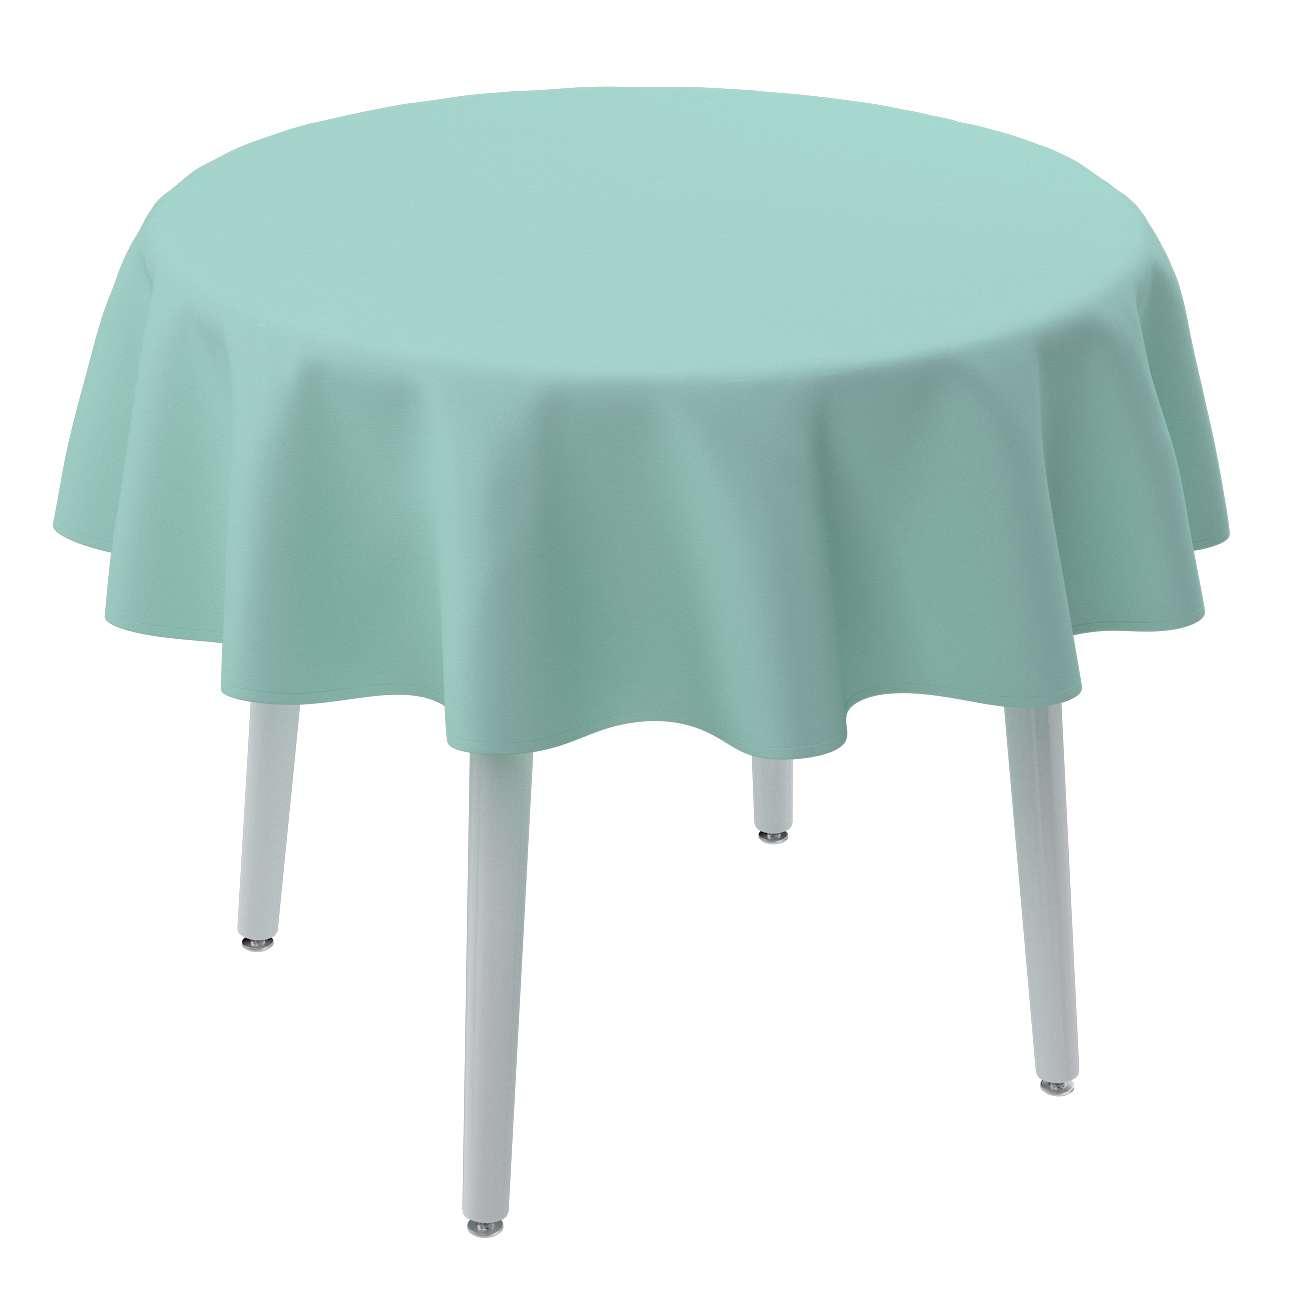 Runde Tischdecke Ø 135 cm von der Kollektion Loneta, Stoff: 133-32